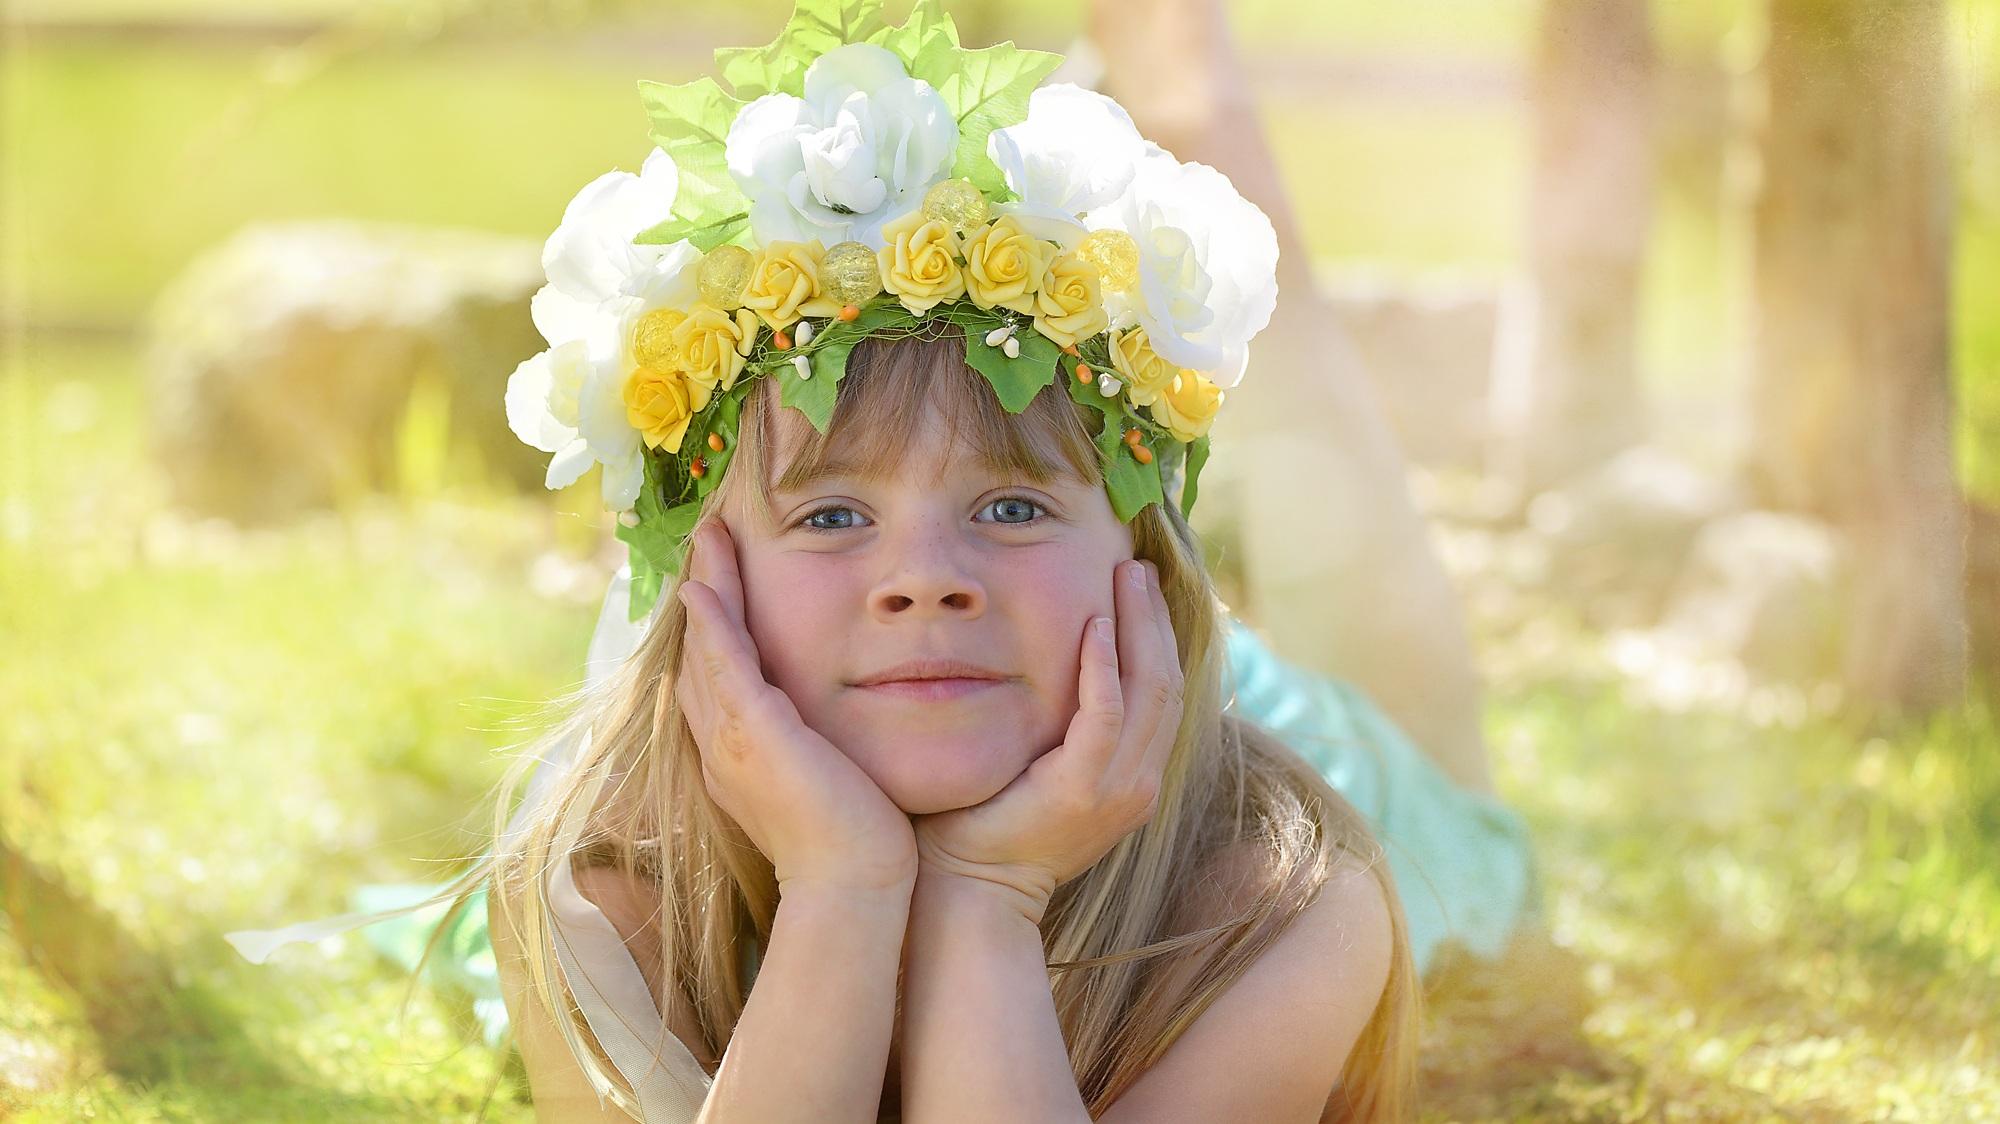 Bambino 7 Anni Comportamento.Comportamenti Anormali Osservabili Nei Bambini 2 Parte